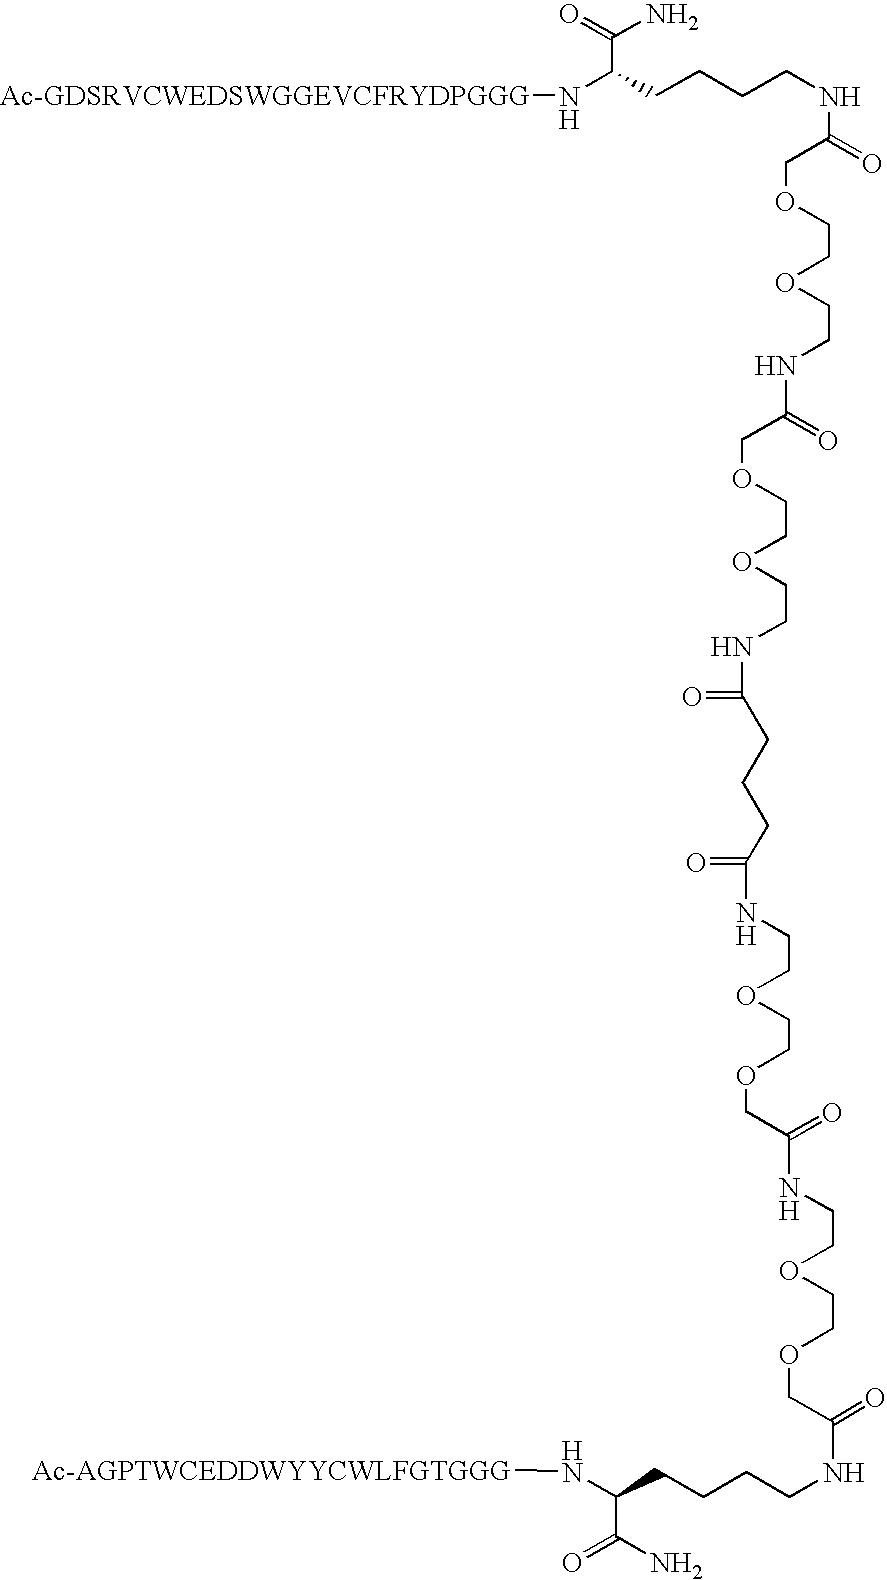 Figure US07261876-20070828-C00022